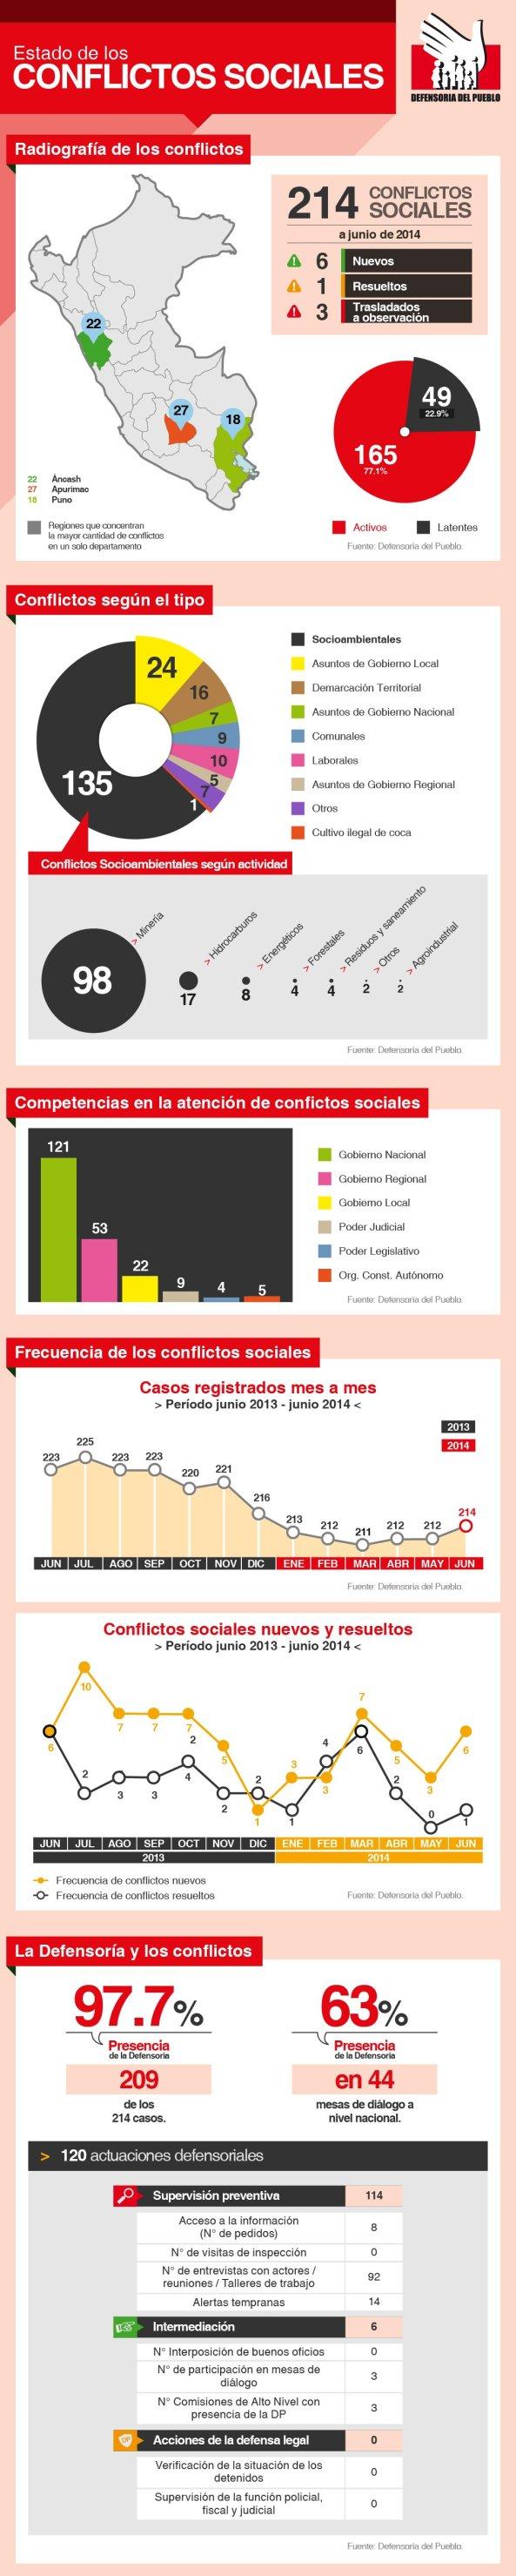 infografia-reporte-124